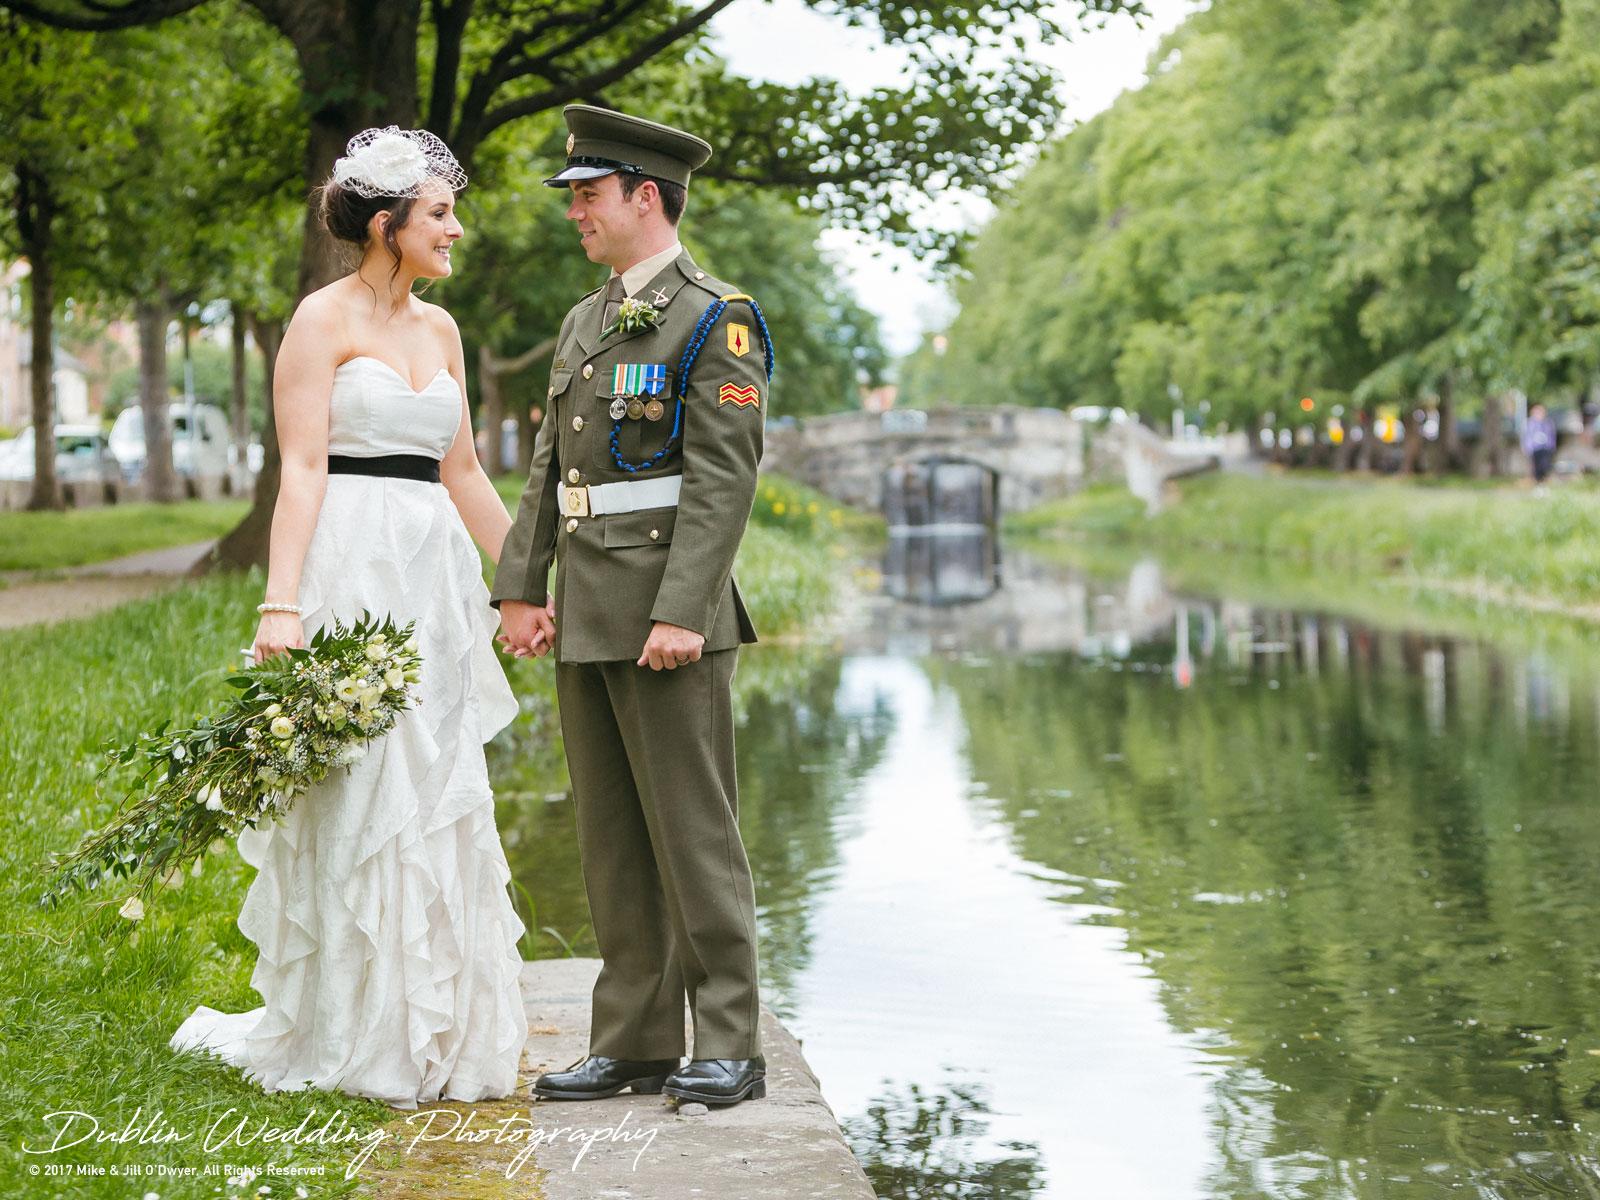 Dublin Wedding Photographer City Streets 015